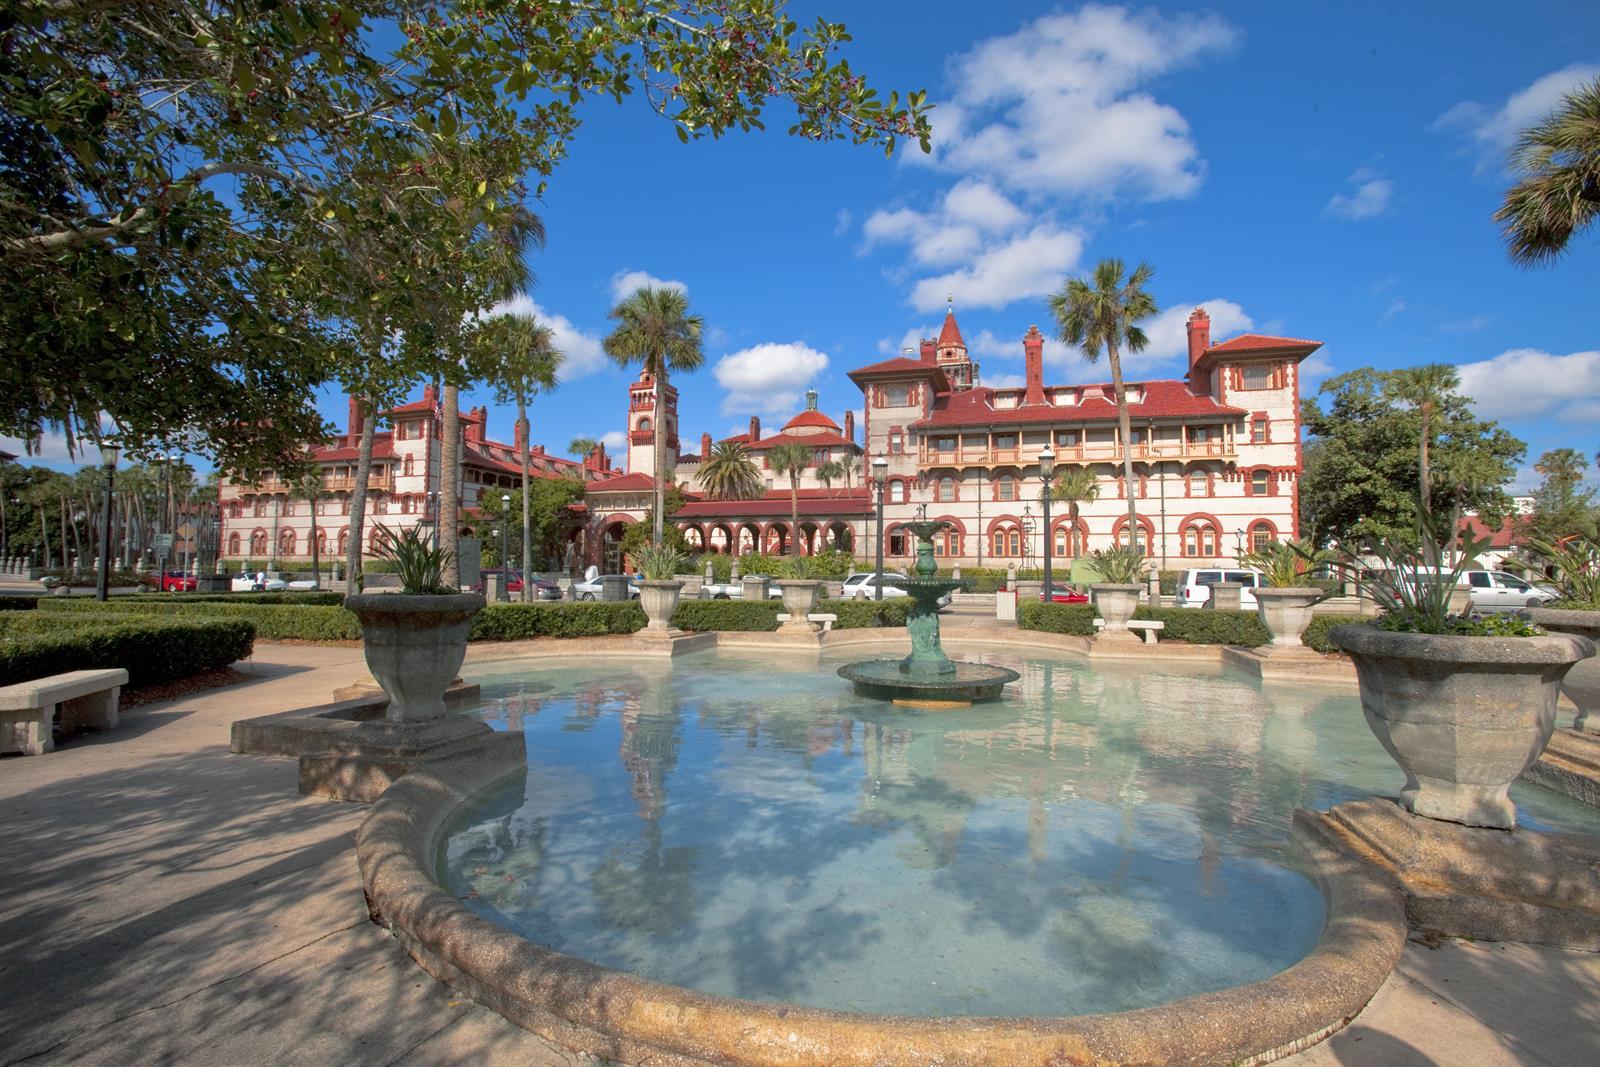 Flagler College - Ponce de Leon Hotel